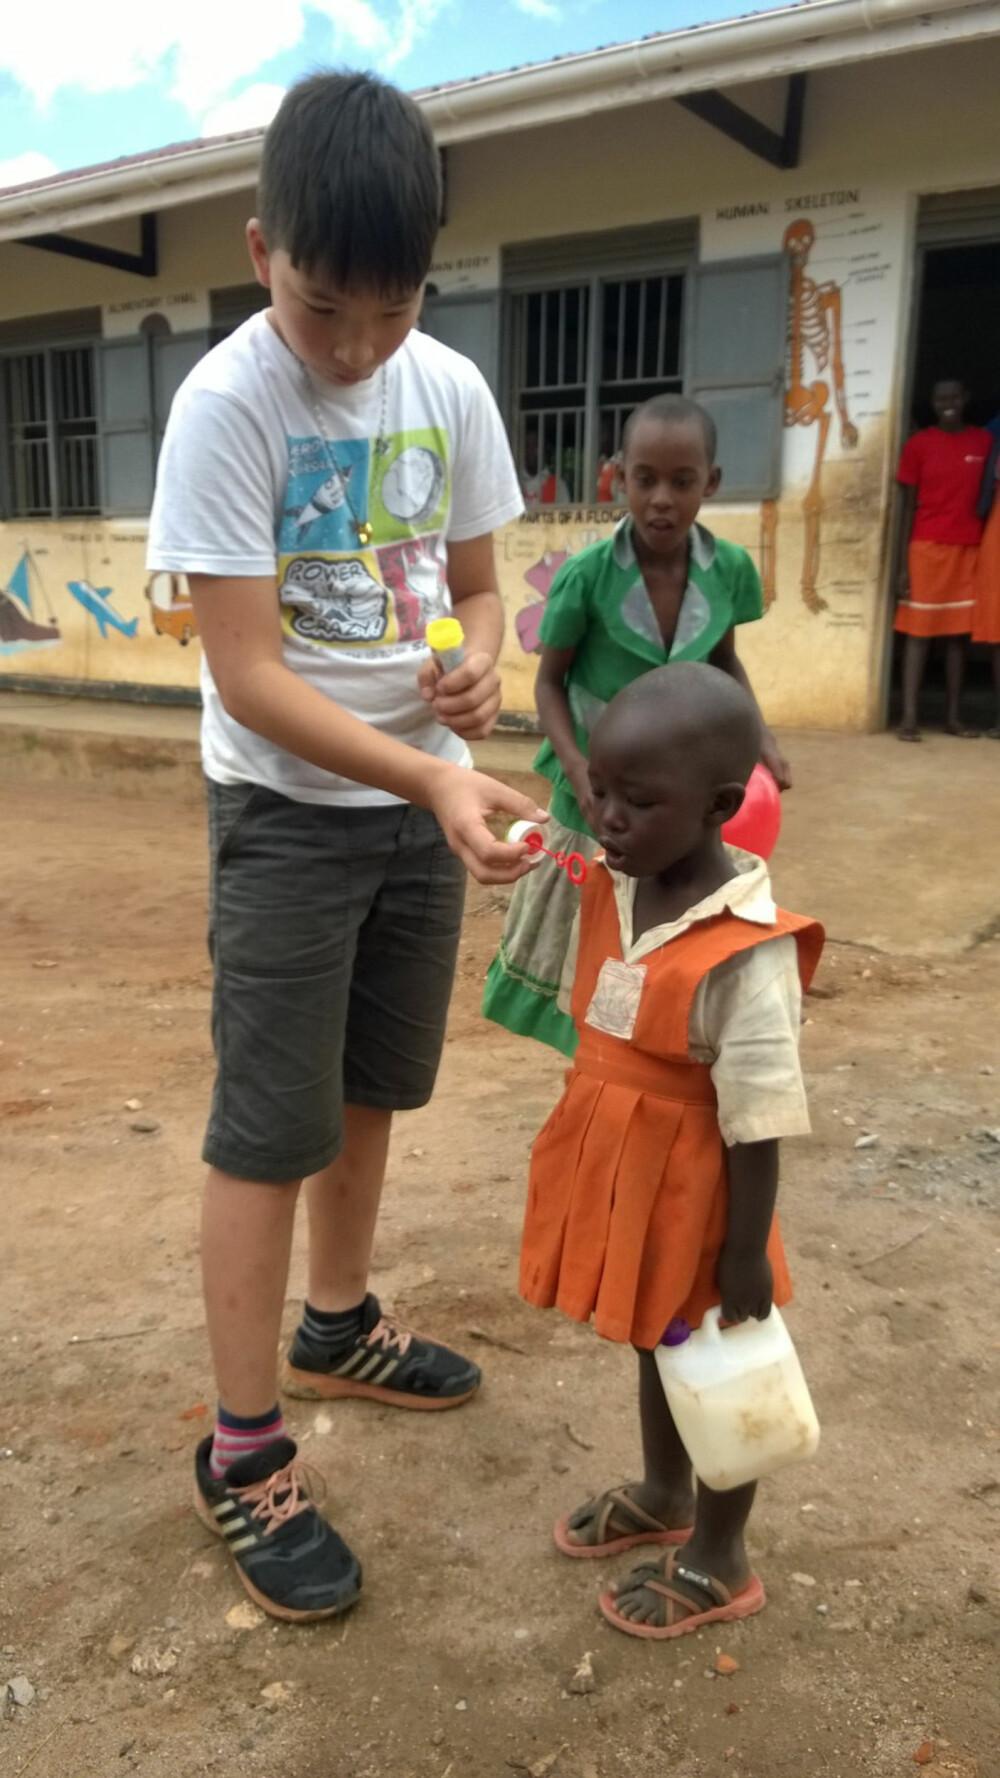 BARNEHAGE: På Natigi School har de også en liten barnehage. Even hjalp denne lille jenta med å blåse såpebobler. I hånda holder hun skolematen sin; en kanne med melk.